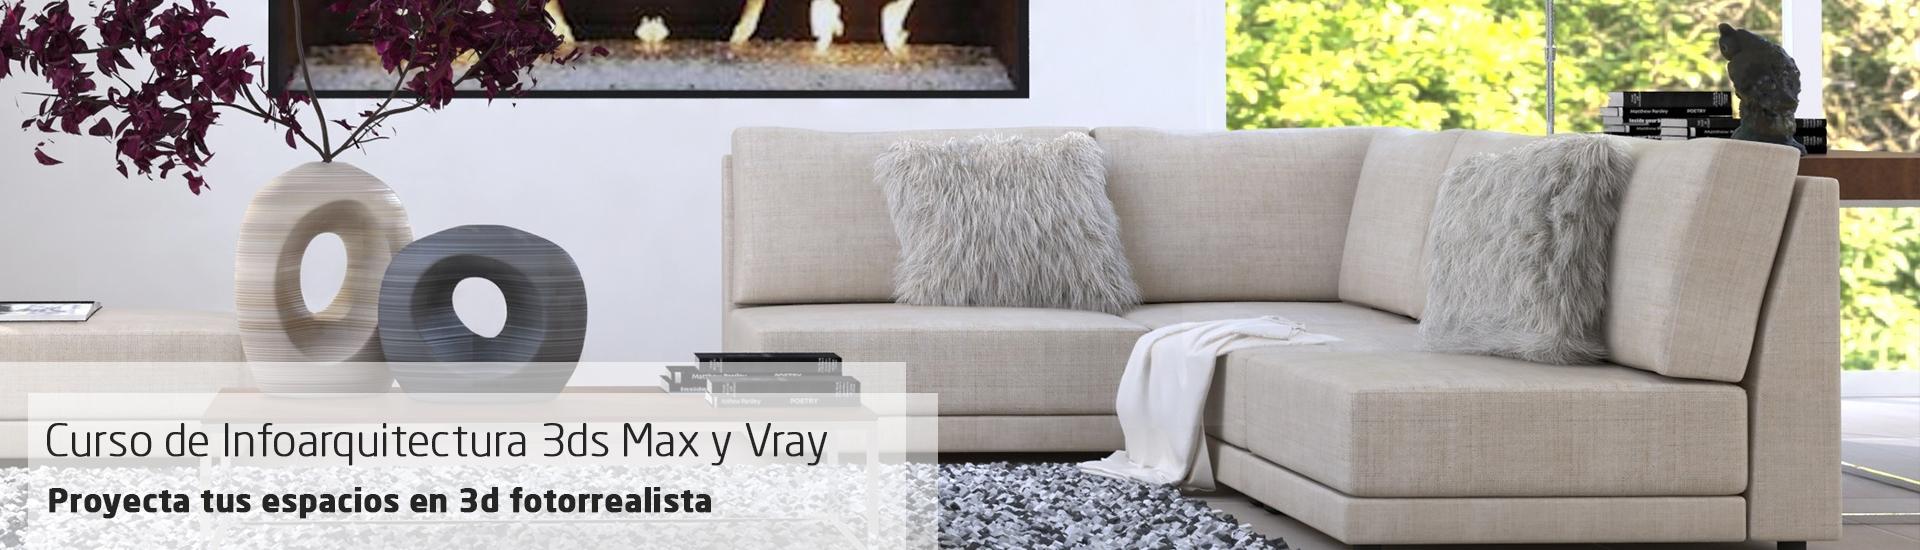 Curso de Infoarquitectura 3ds Max y VRay. Proyecta tus espacios en 3D fotorrealista.